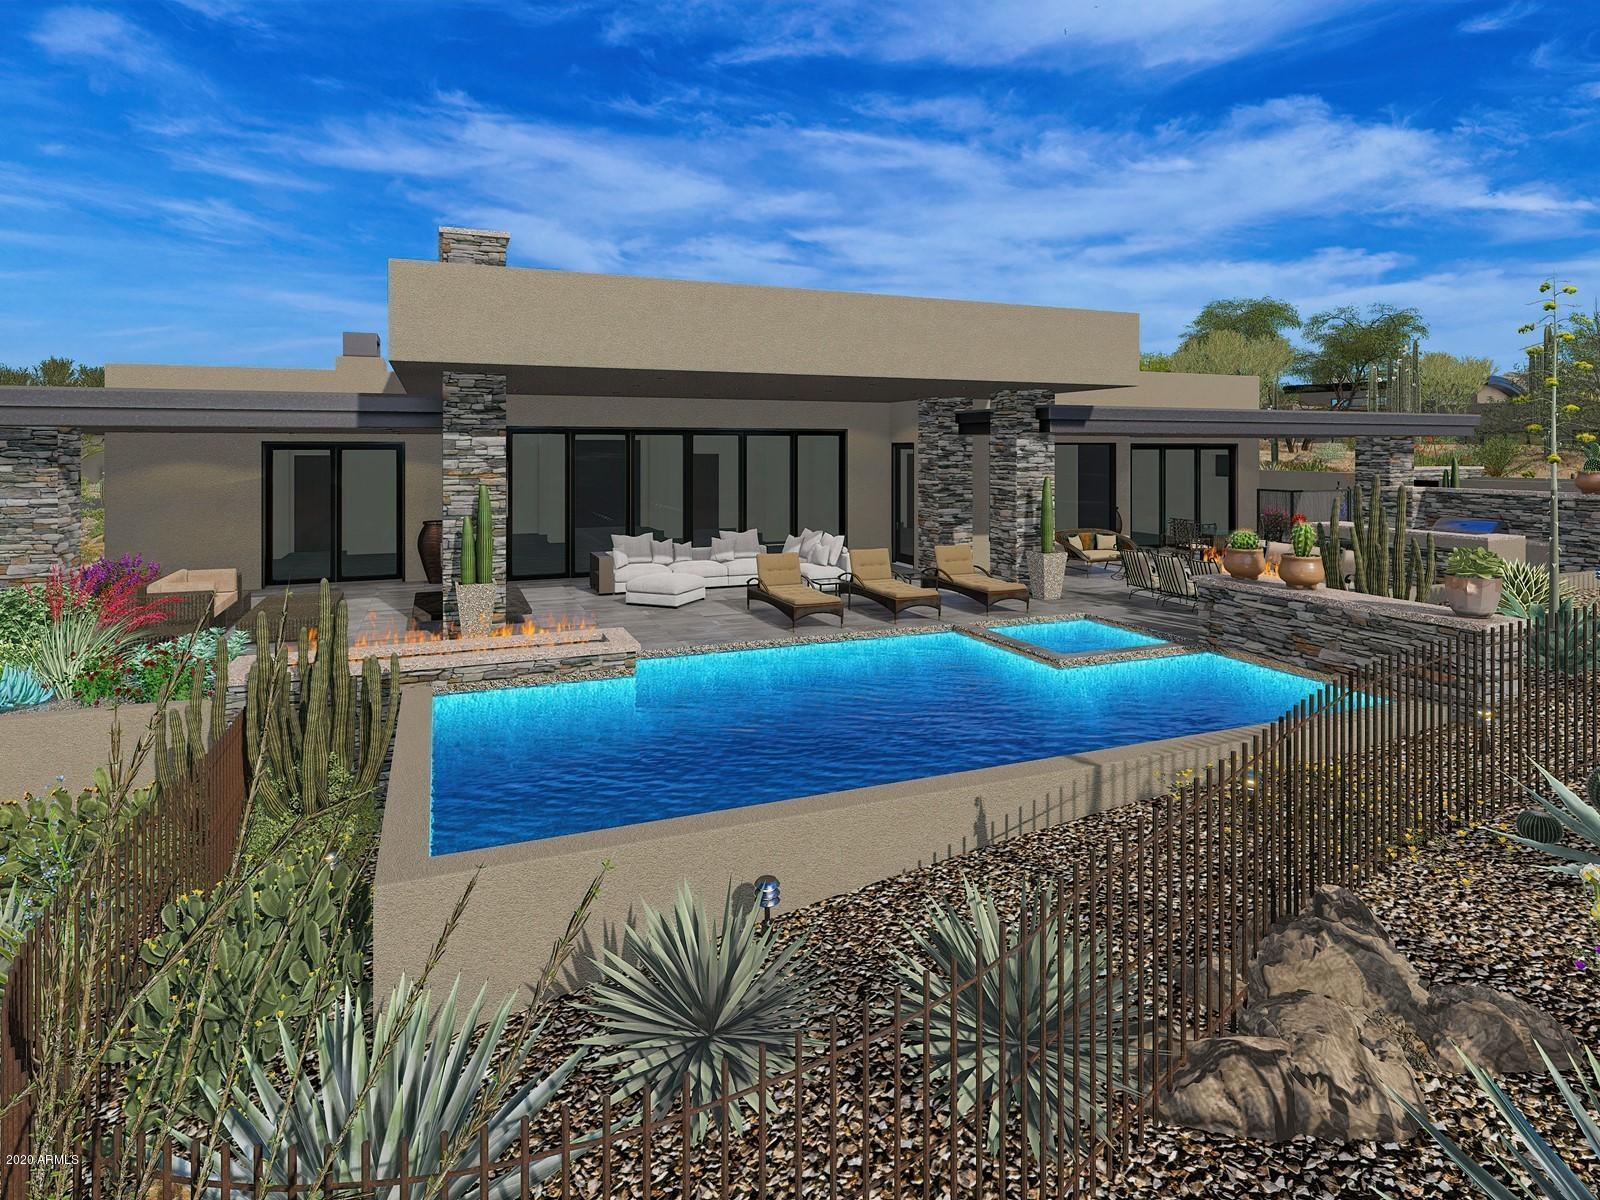 9219 E Bajada Road, Scottsdale AZ 85262 - Photo 2